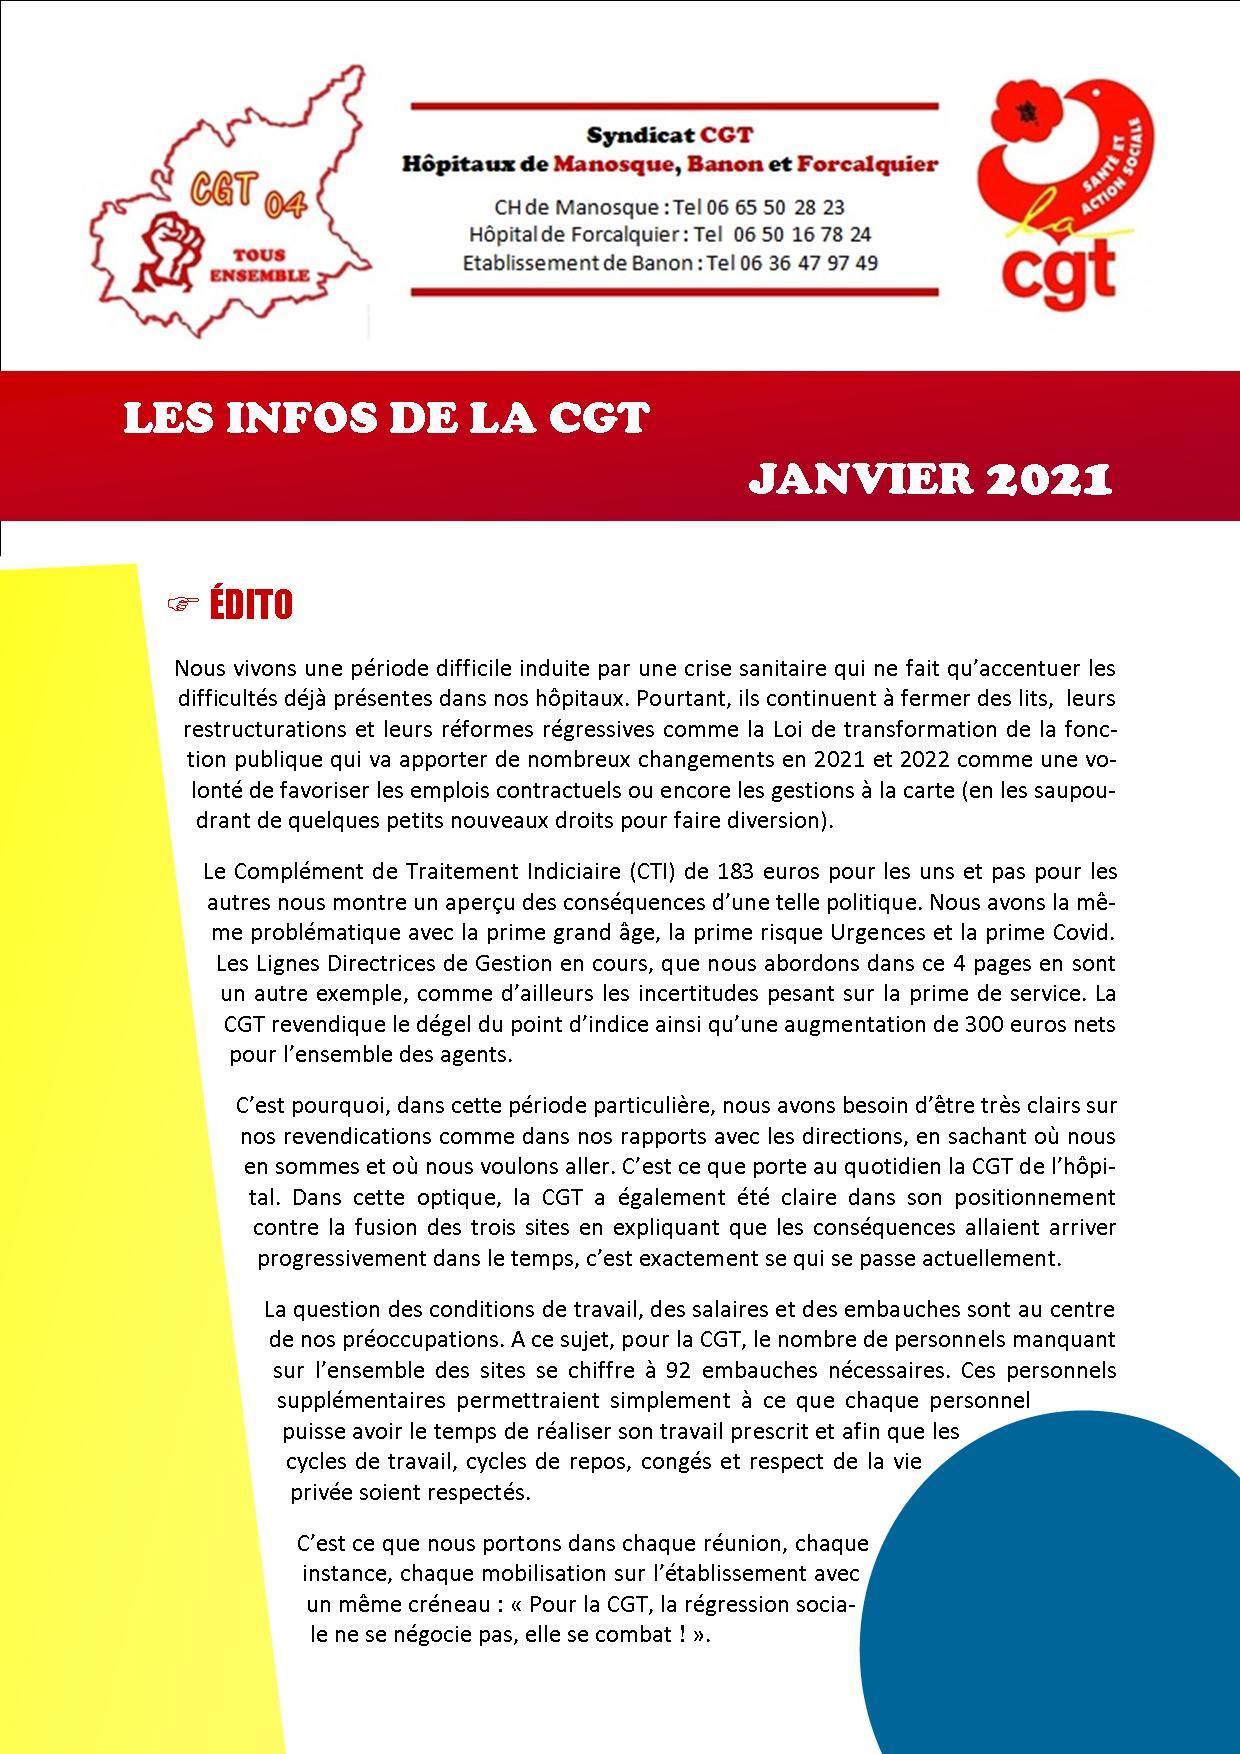 1338. 4 pages CGT Hôpital de Manosque Banon Forcalquier janvier 2021 (1)